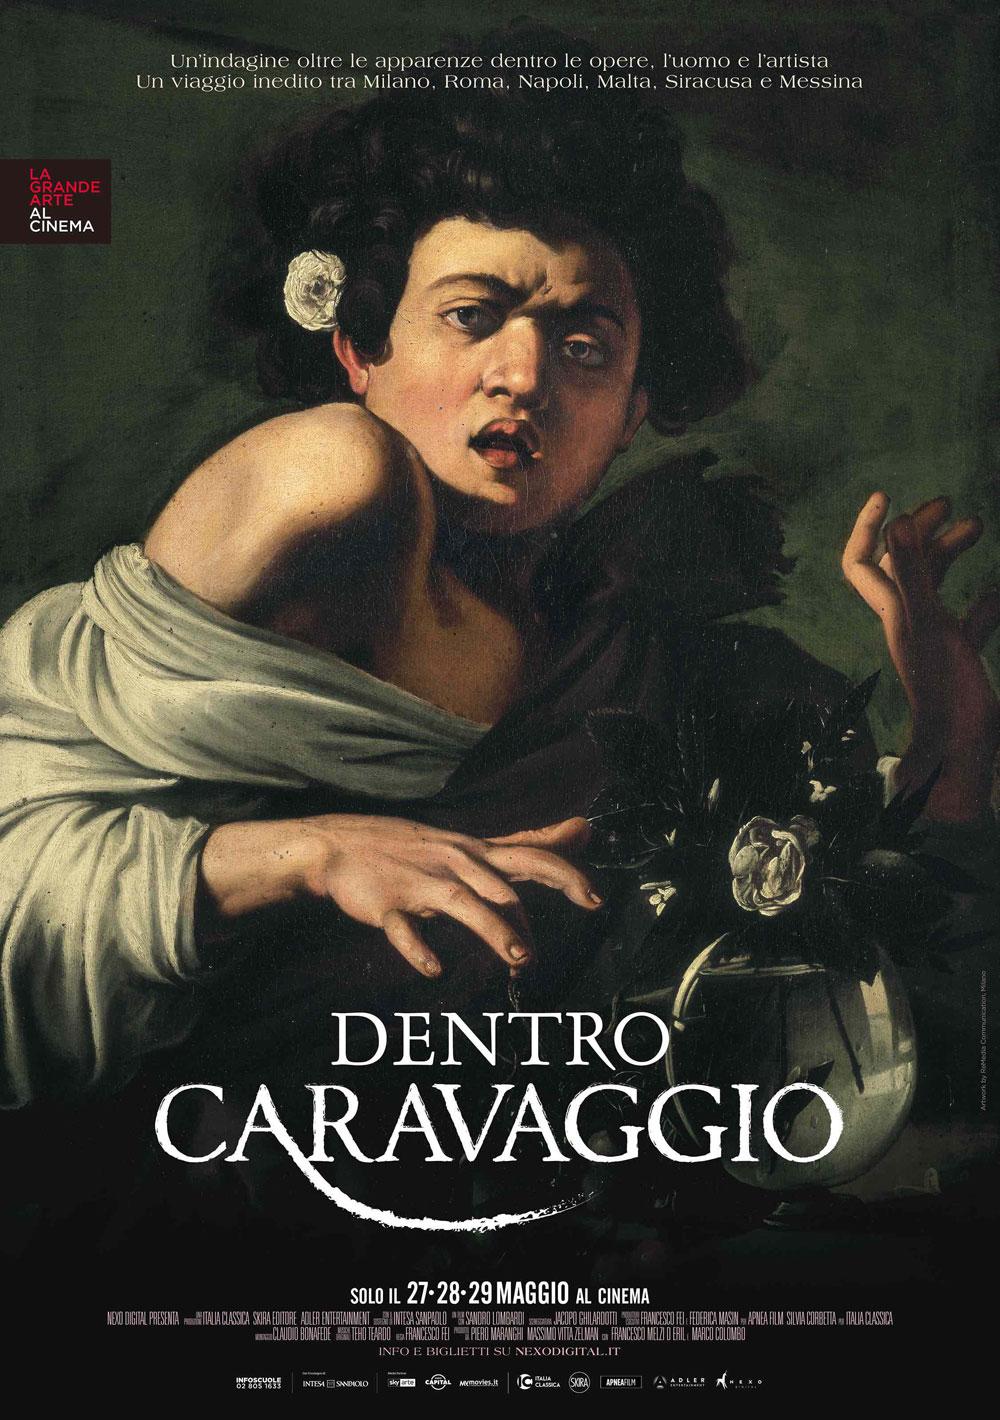 Dentro Caravaggio, il nuovo docu-film de La Grande Arte al Cinema. Solo il 27, 28 e 29 maggio 2019